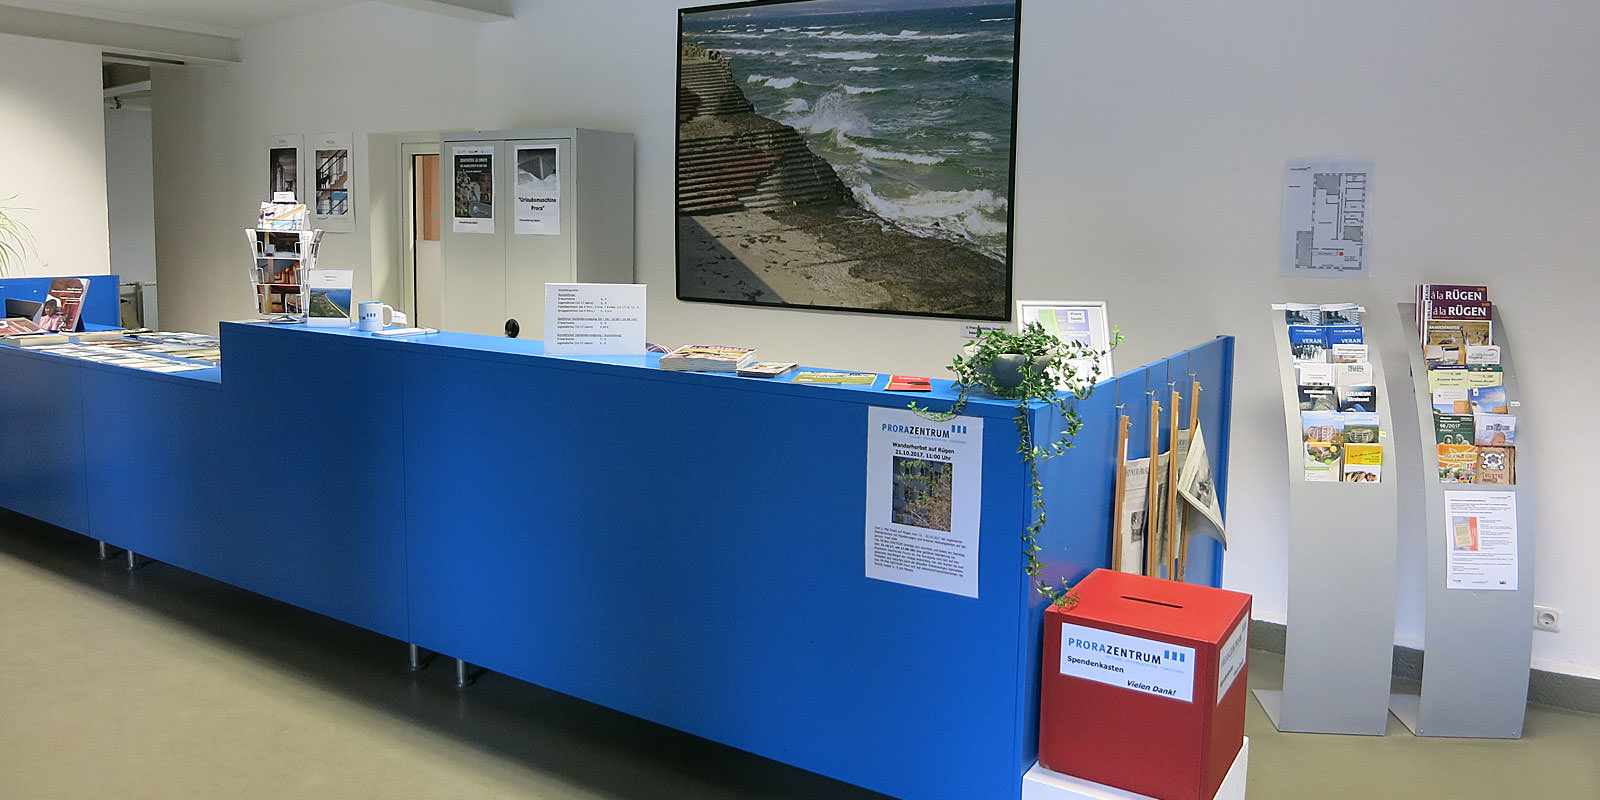 Informationen über Ausstellungen vom Museum Prora Zentrum im KdF-Gebäude beim Ostseebad Binz auf Rügen